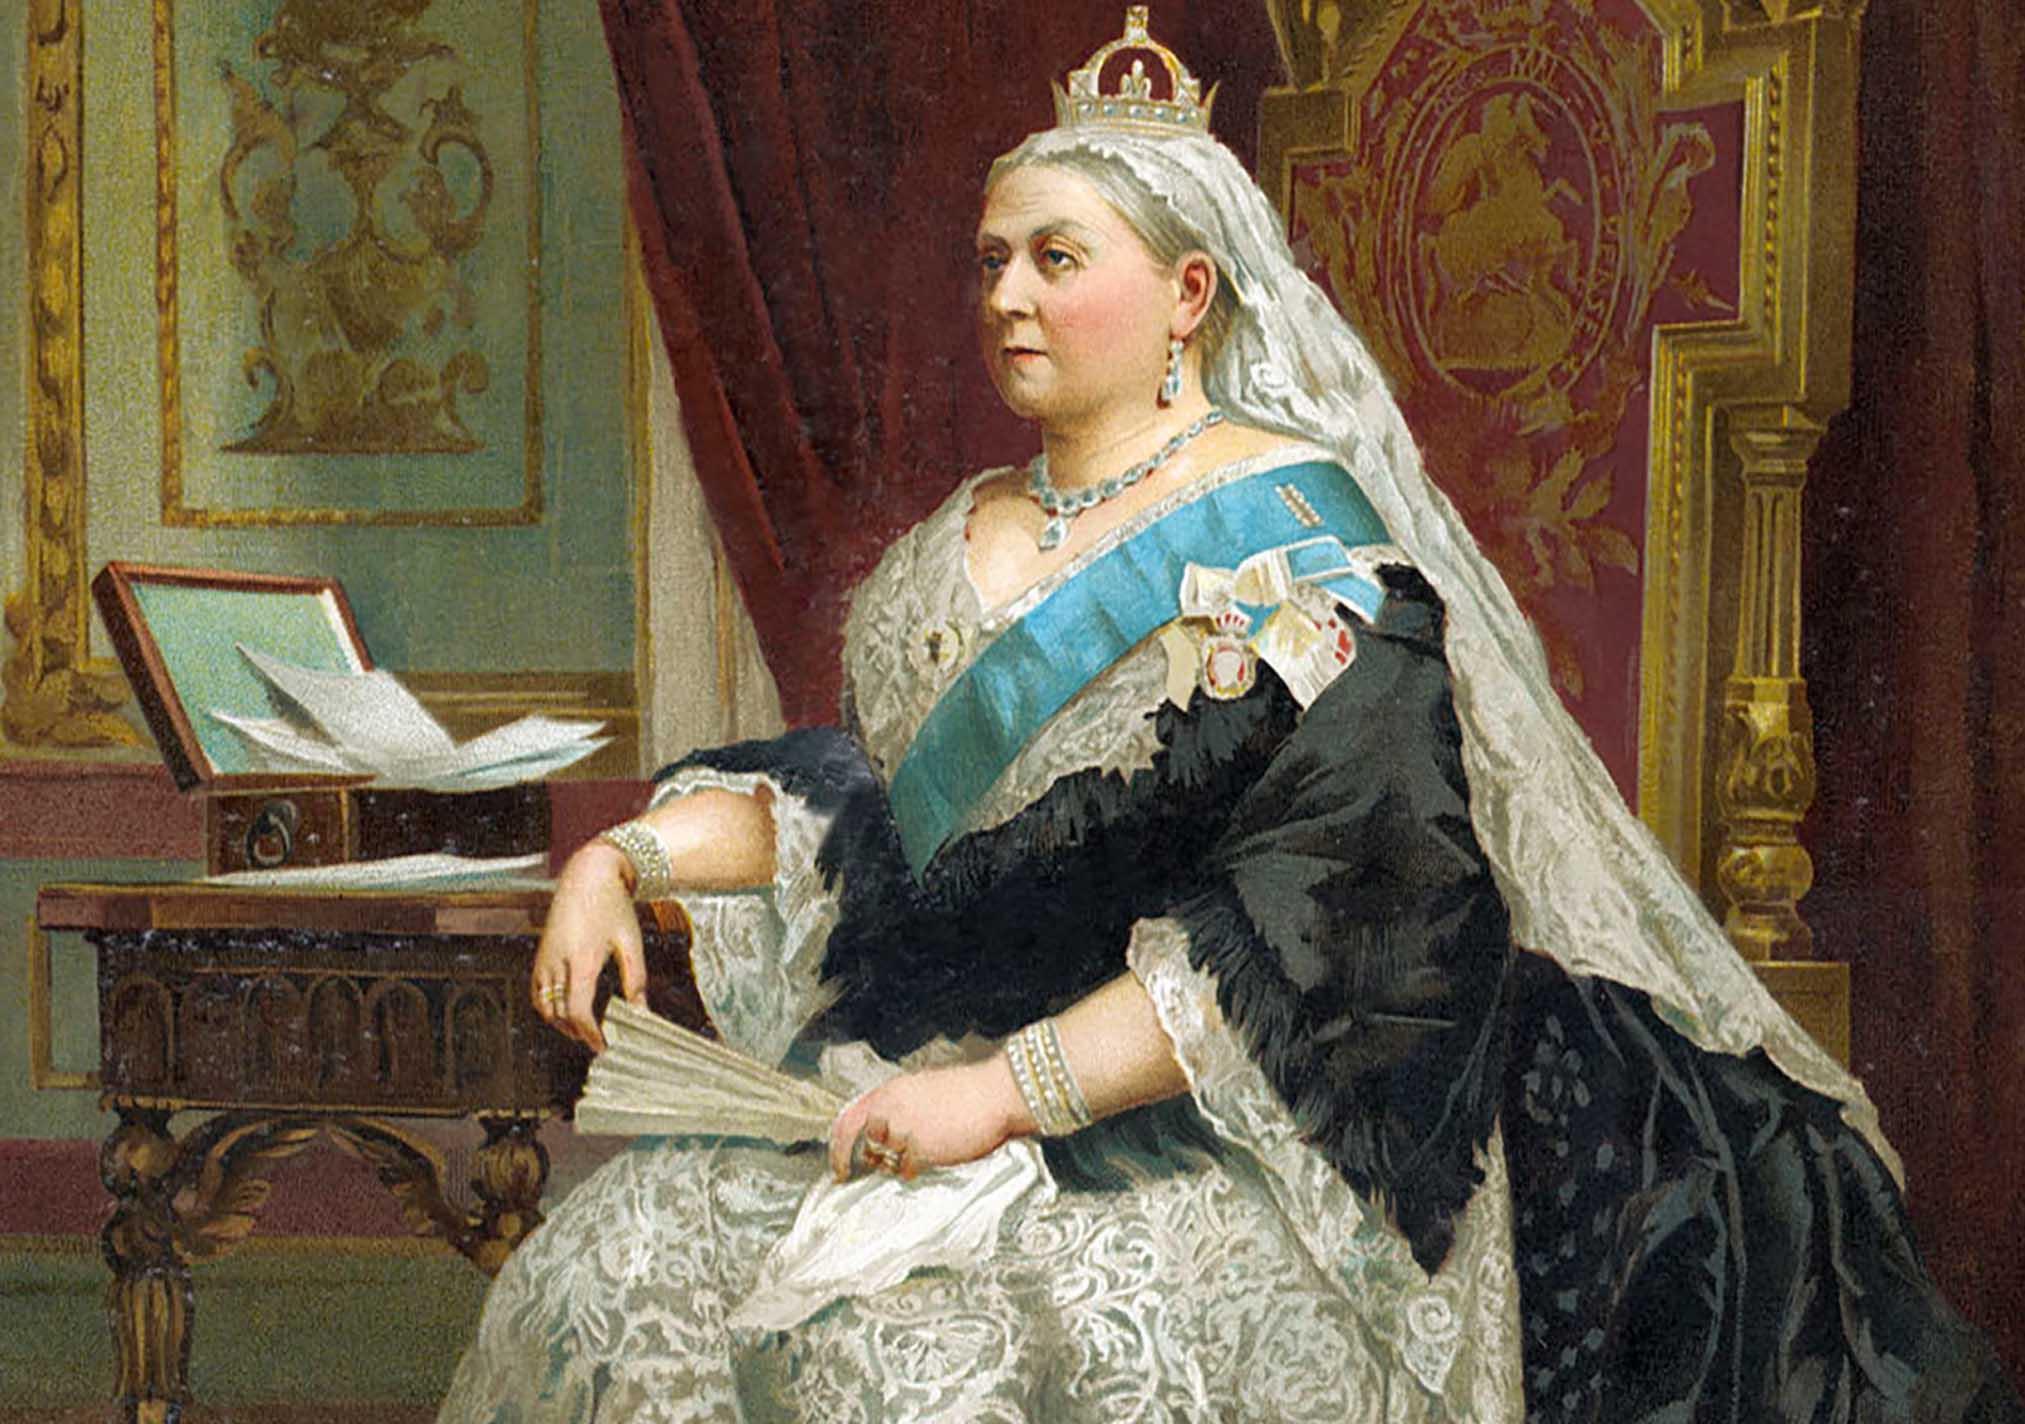 Reina Victoria del Reino Unido de Gran Bretaña e Irlanda y emperatriz de la India